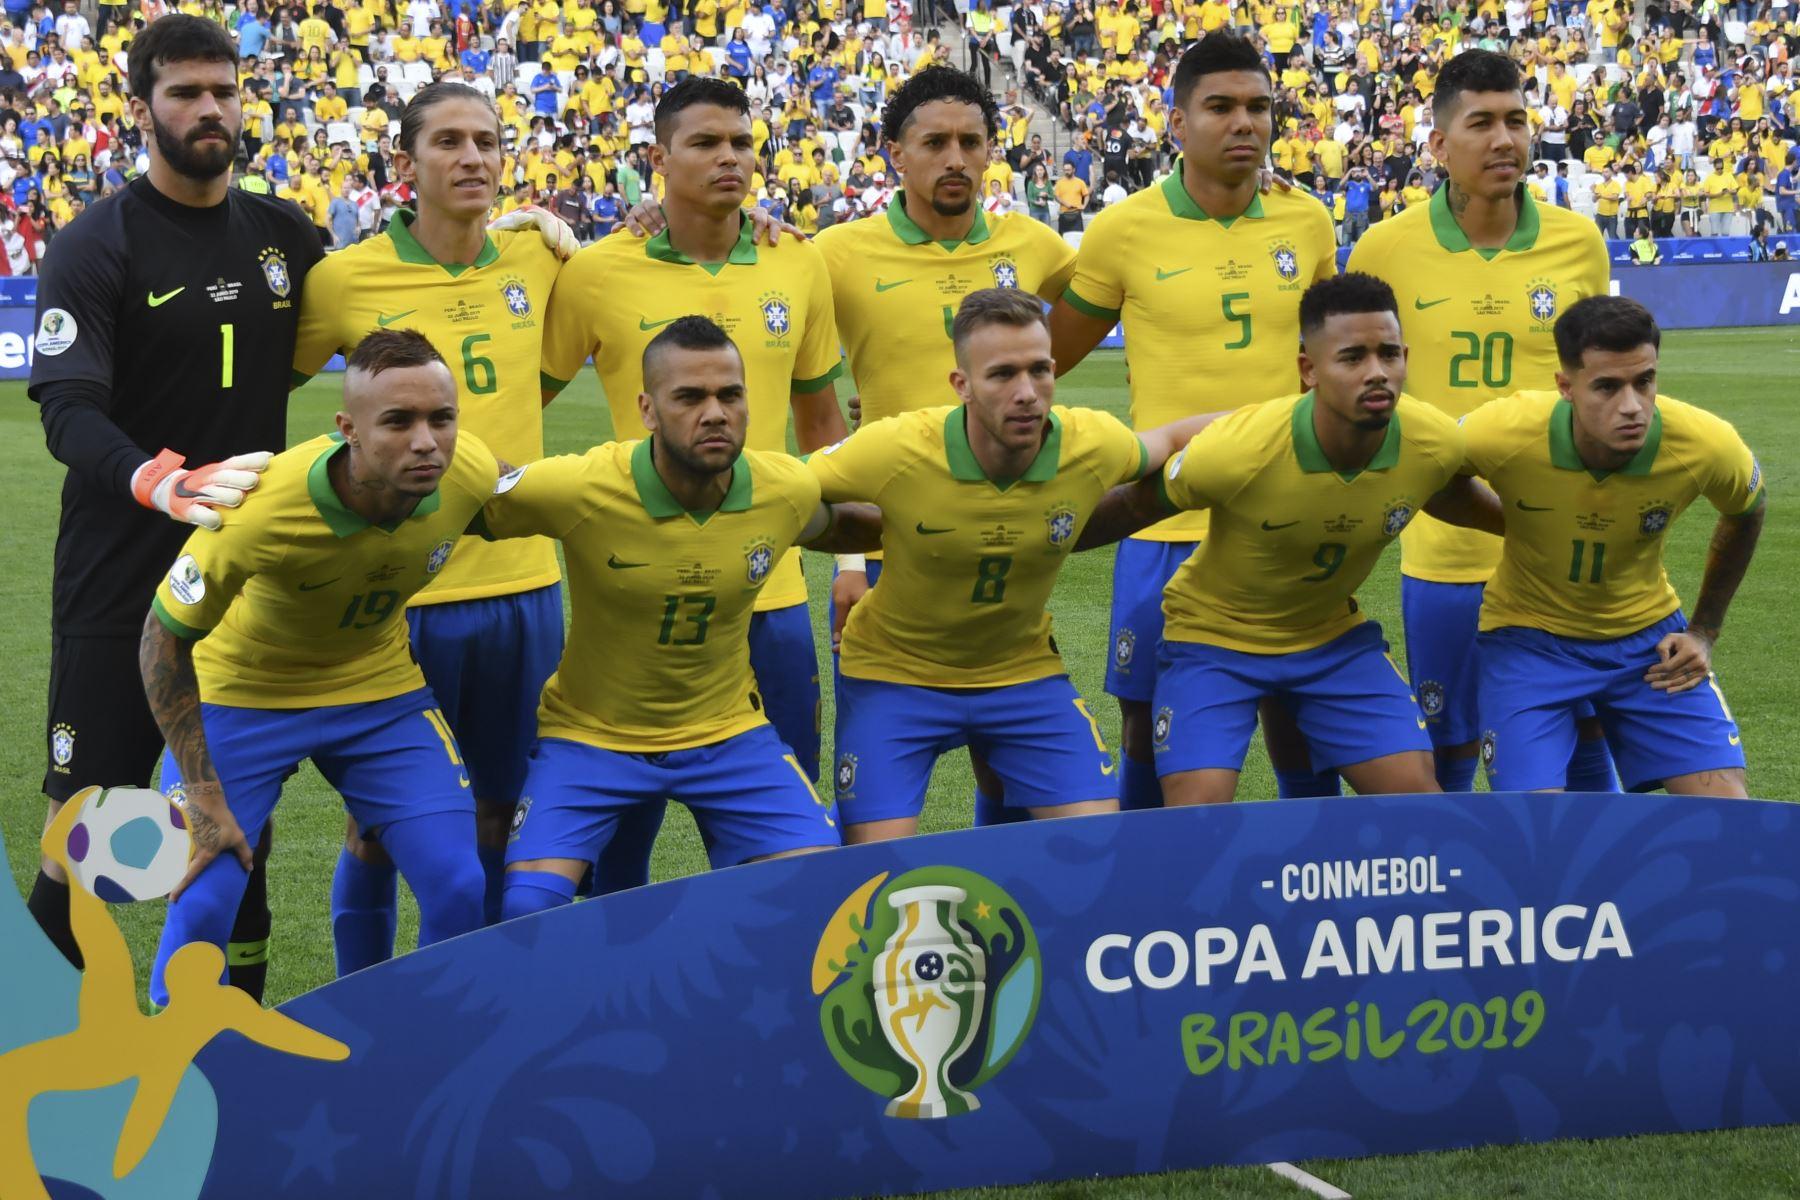 Los jugadores de Brasil posan para las fotos antes de su partido de torneo de fútbol de la Copa América contra Perú. Foto:AFP